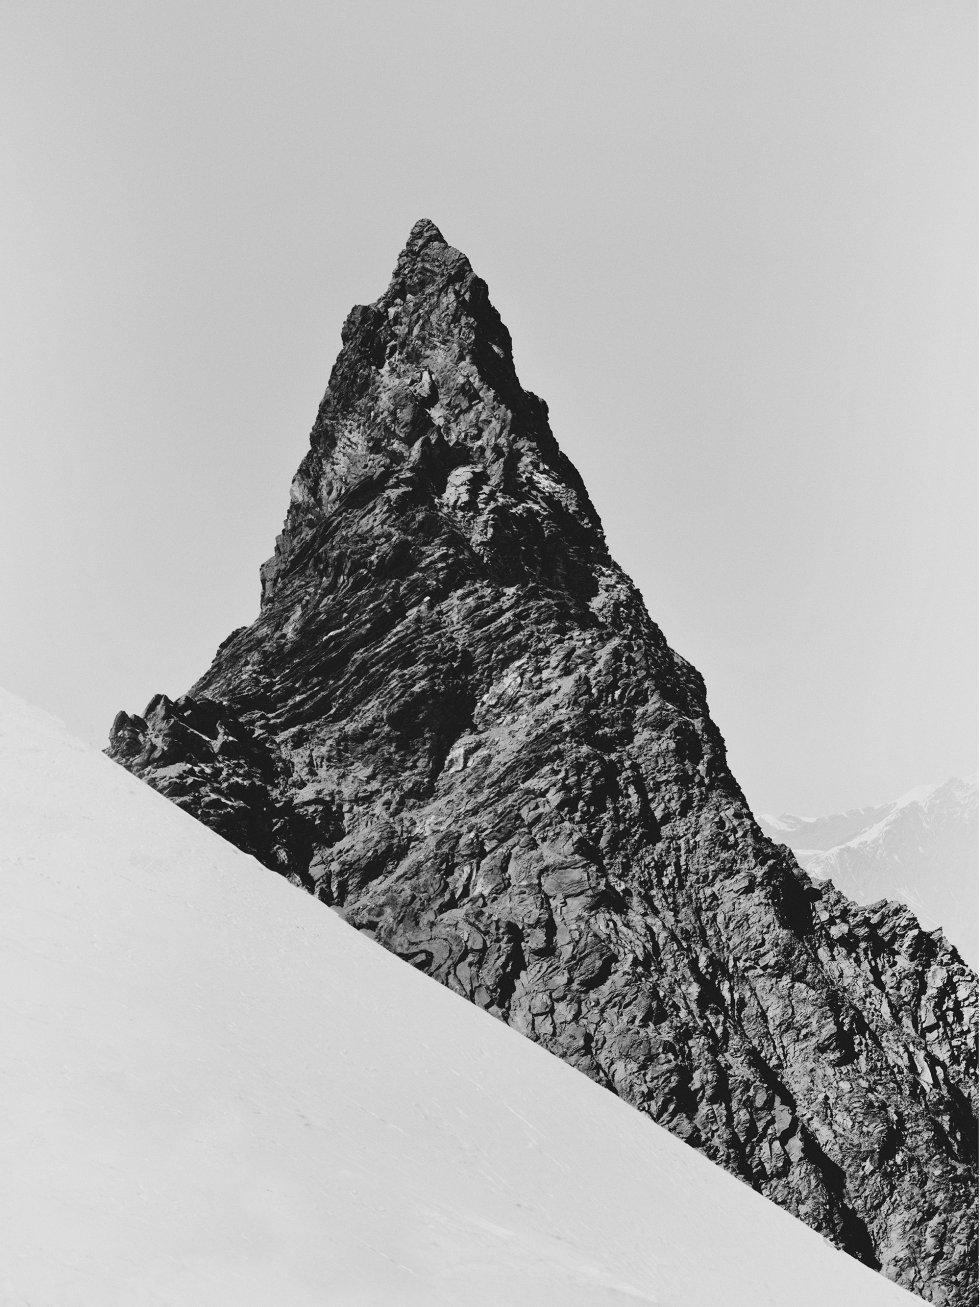 Quase nada prenunciava um romance entre minha vida - a de um fotógrafo bem casado e pai de quatro filhos - e a magia e o risco das altas montanhas. Mas o feitiço estourou na Tanzânia e se arrastou, já imparável, no Nepal. Na imagem Peak, um dos cumes atravessado por Woudt em sua jornada.